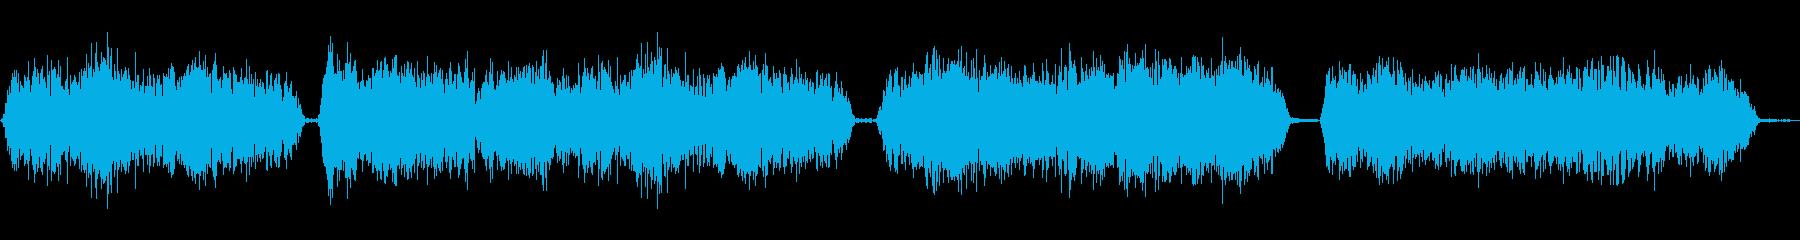 モンスターの声の再生済みの波形